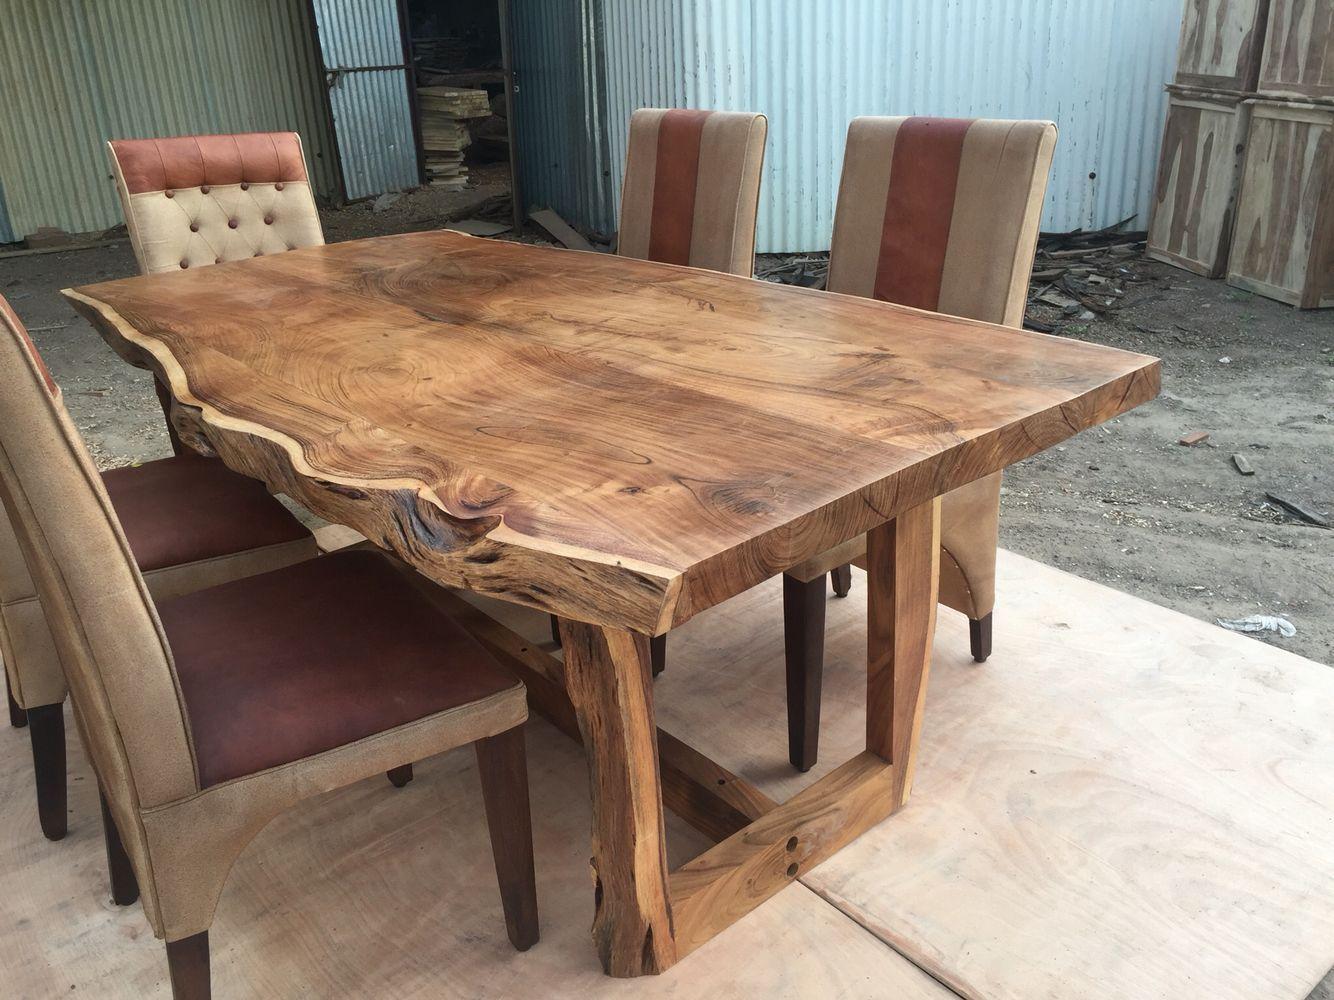 mesa de madeira maciça decorada com a própria madeira